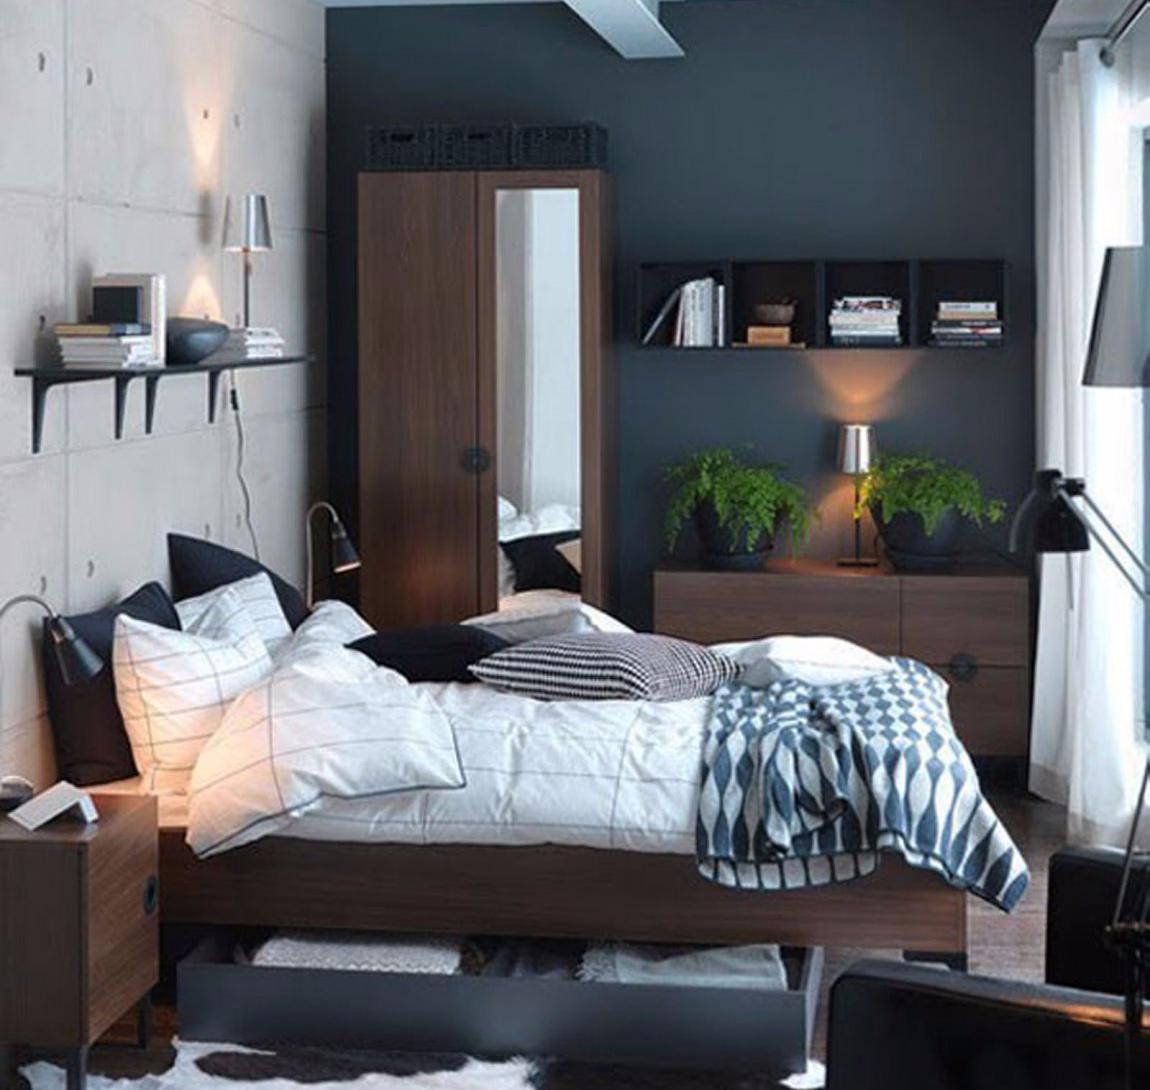 4 Ide Desain Kamar Tidur Ukuran 4 x 4 yang Nggak Murahan